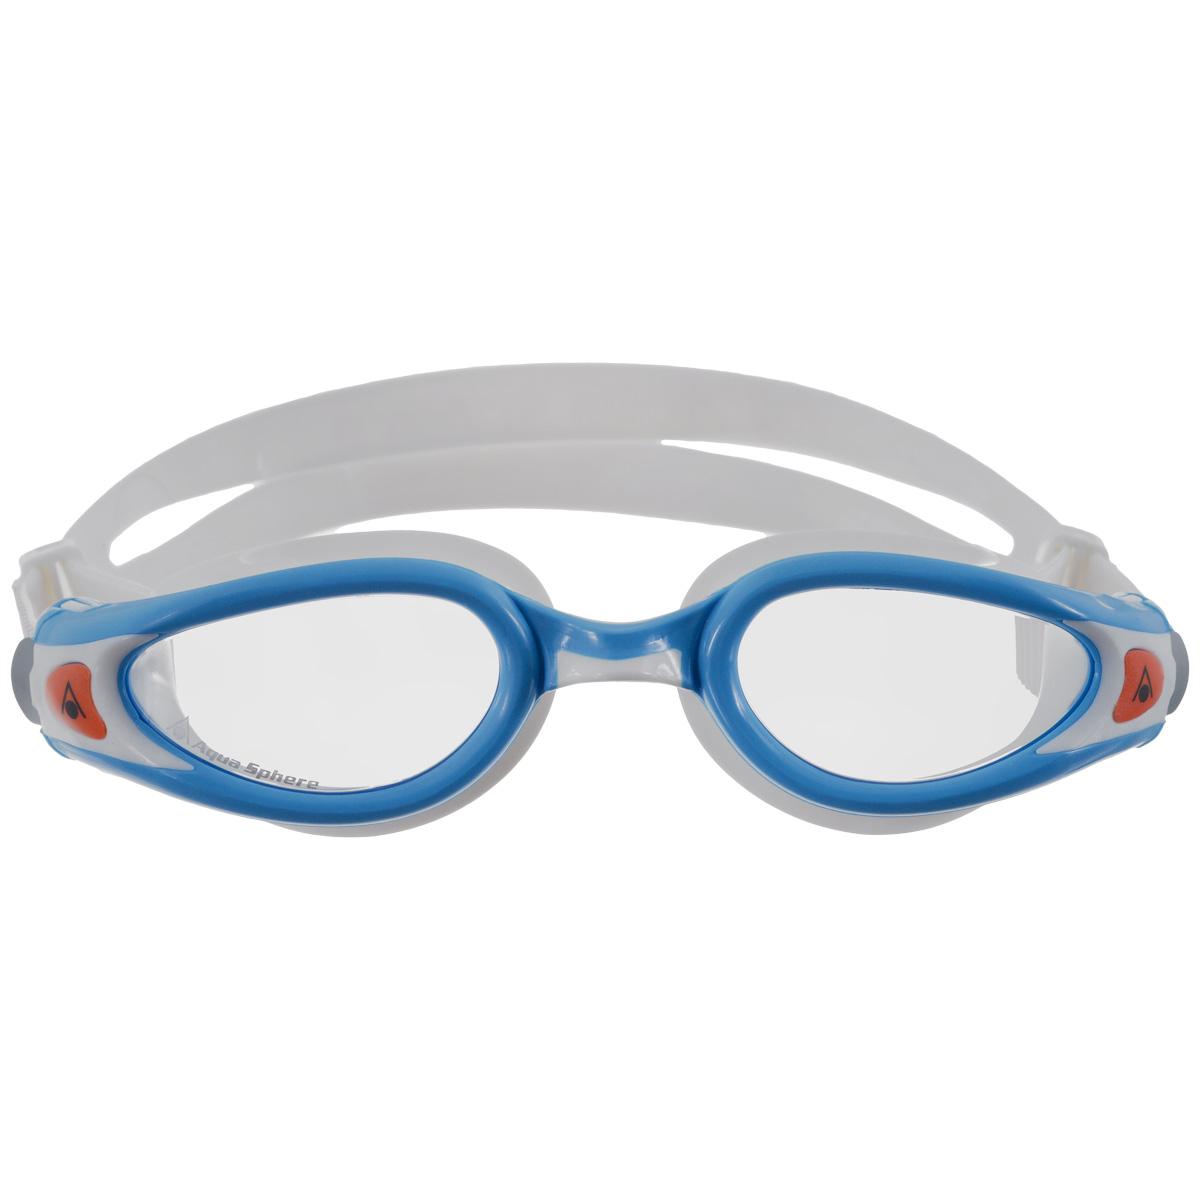 Очки для плавания Aqua Sphere Kaiman Exo Junior, цвет: голубой, белыйTN 175800Легкие детские очки Aqua Sphere Kaiman Exo (вес всего 34 грамма) идеально подходят для плавания в бассейне или открытой воде. Особая технология изогнутых линз позволяет обеспечить превосходный обзор в 180°, не искажая при этом изображение. Очки дают 100% защиту от ультрафиолетового излучения. Специальное покрытие препятствует запотеванию стекол. Новая технология каркаса EXO-core bi-material обеспечивает максимальную стабильность и комфорт.Подростковая обновленная версия популярных очков Aqua Sphere Kaiman сохраняет все лучшее от взрослой модели.Эластичная саморегулирующаяся переносица.Комфорт и долговечность.Низкопрофильный дизайн.Материал: софтерил, plexisol.